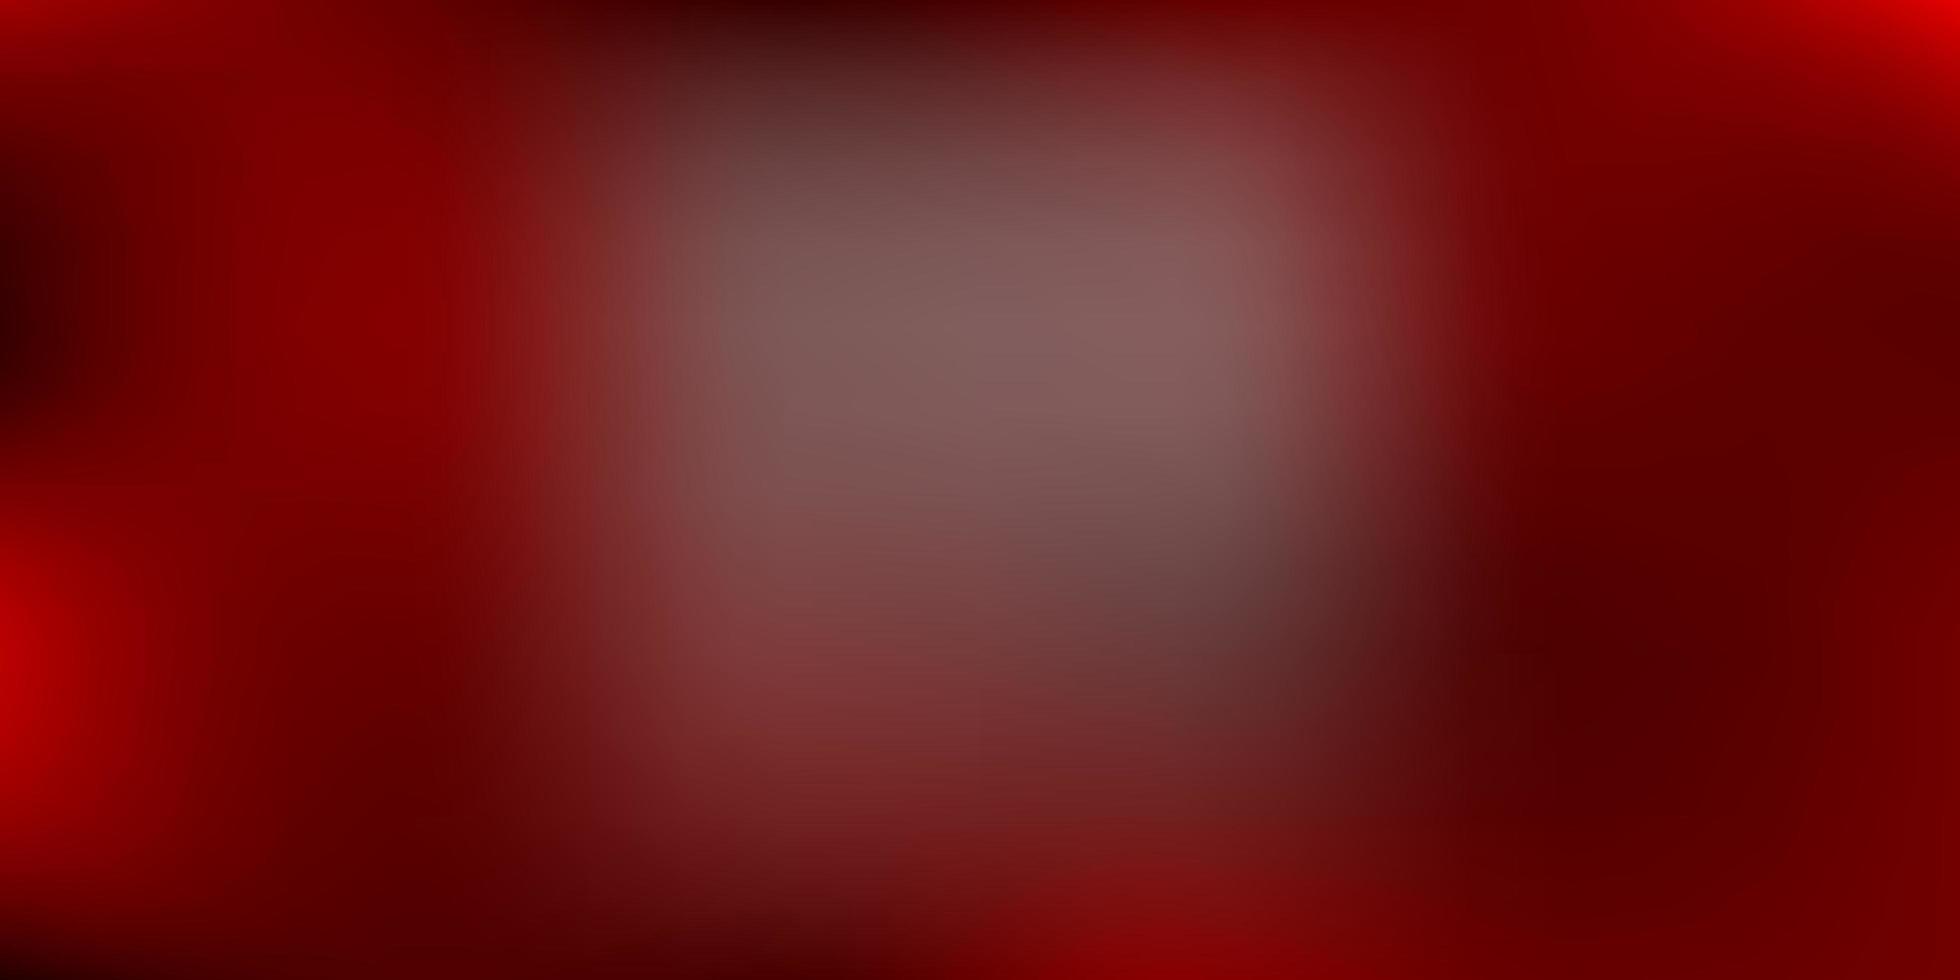 o sumário do vetor verde escuro e vermelho desfocar o fundo.